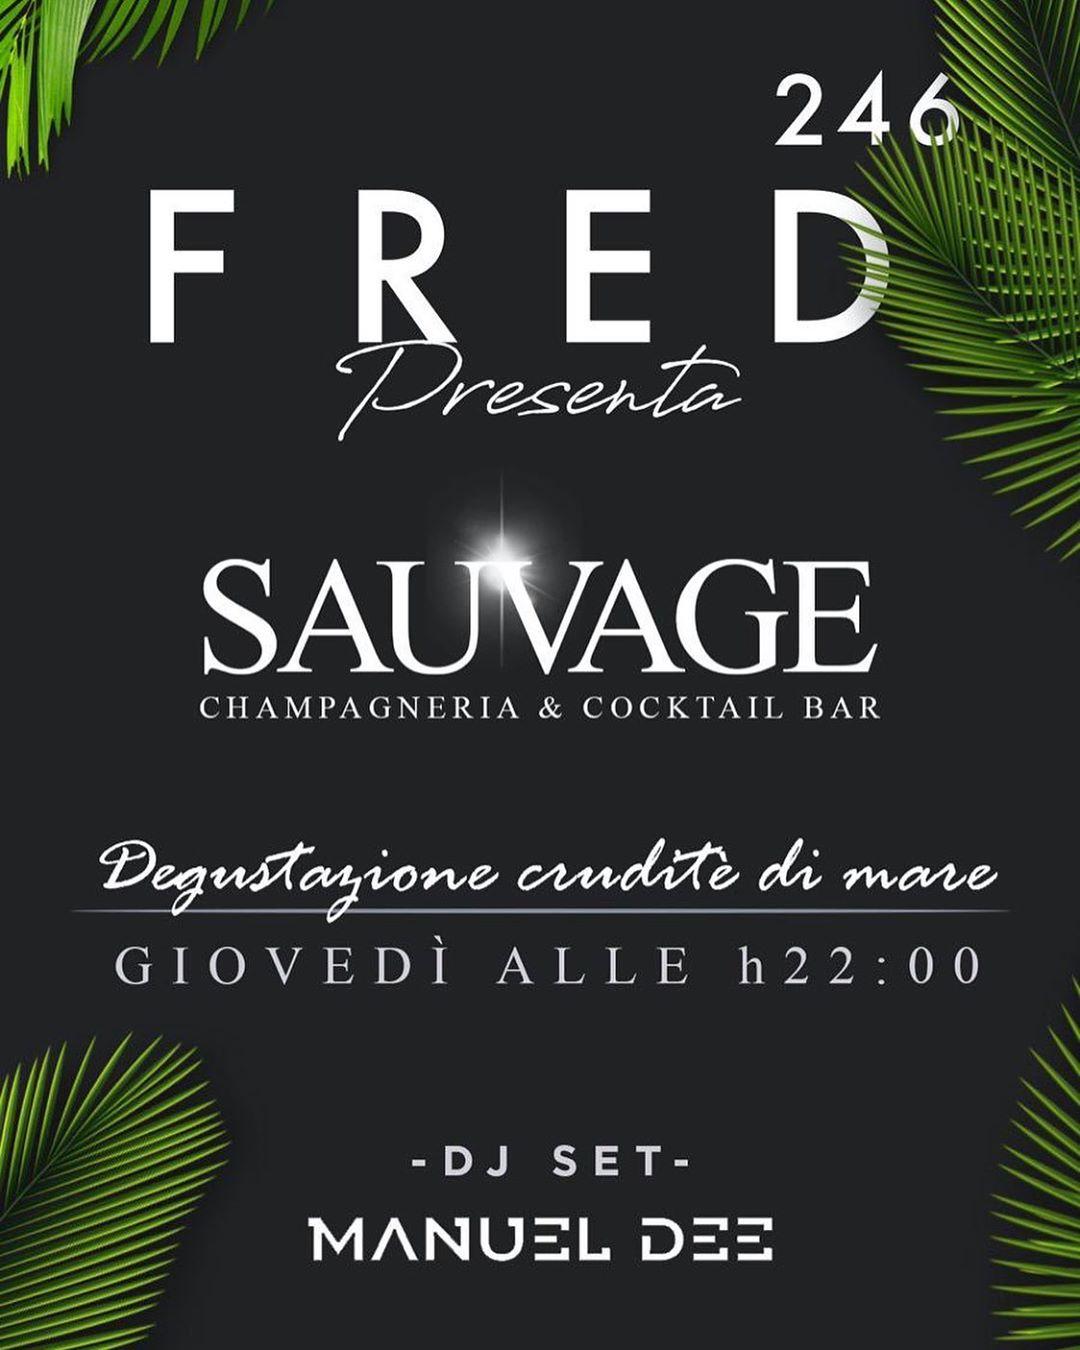 FRED246 CASAL PALOCCO ROMA SAUVAGE LA SERATA DEL GIOVEDI'